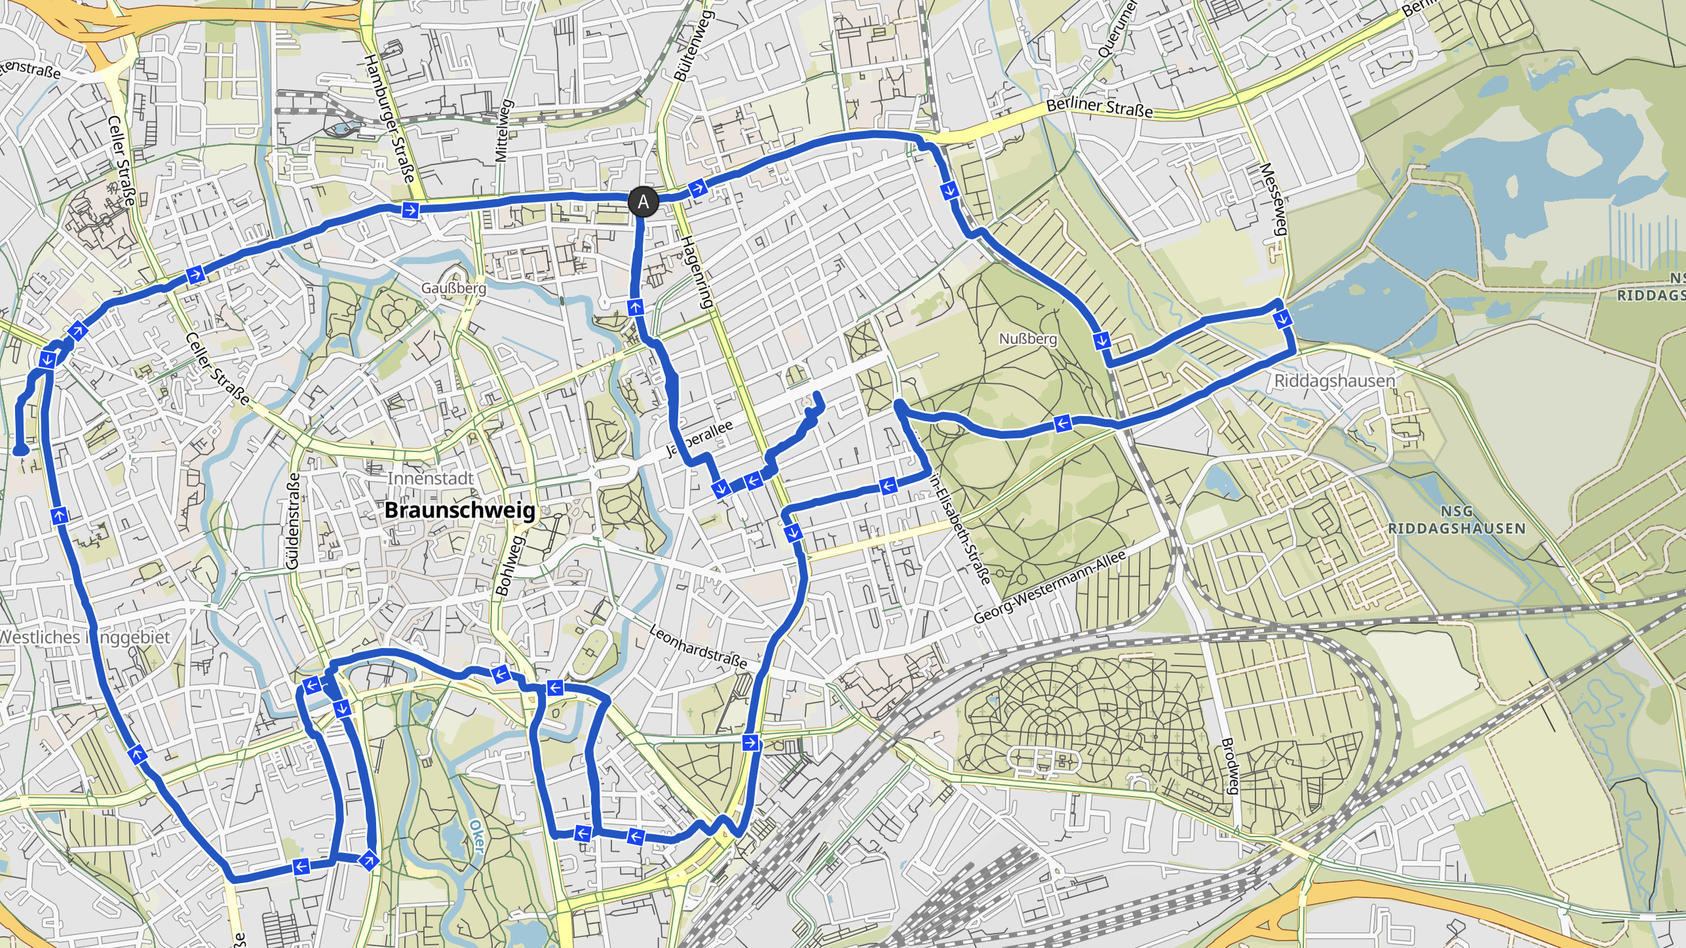 Elefant: GPS-Drawing Volker Weinlich aus Braunschweig (gpsbilder.de/Komoot.de)